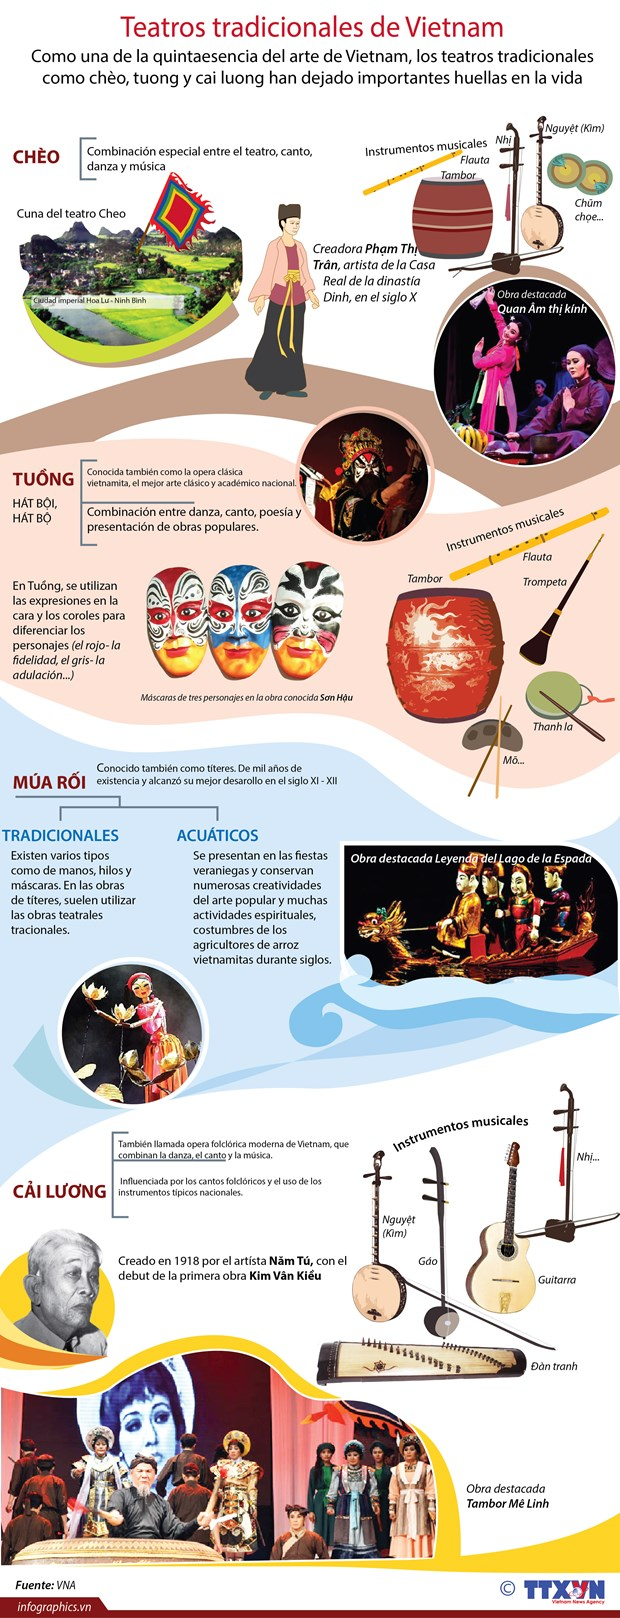 [Info] Teatros tradicionales de Vietnam hinh anh 1